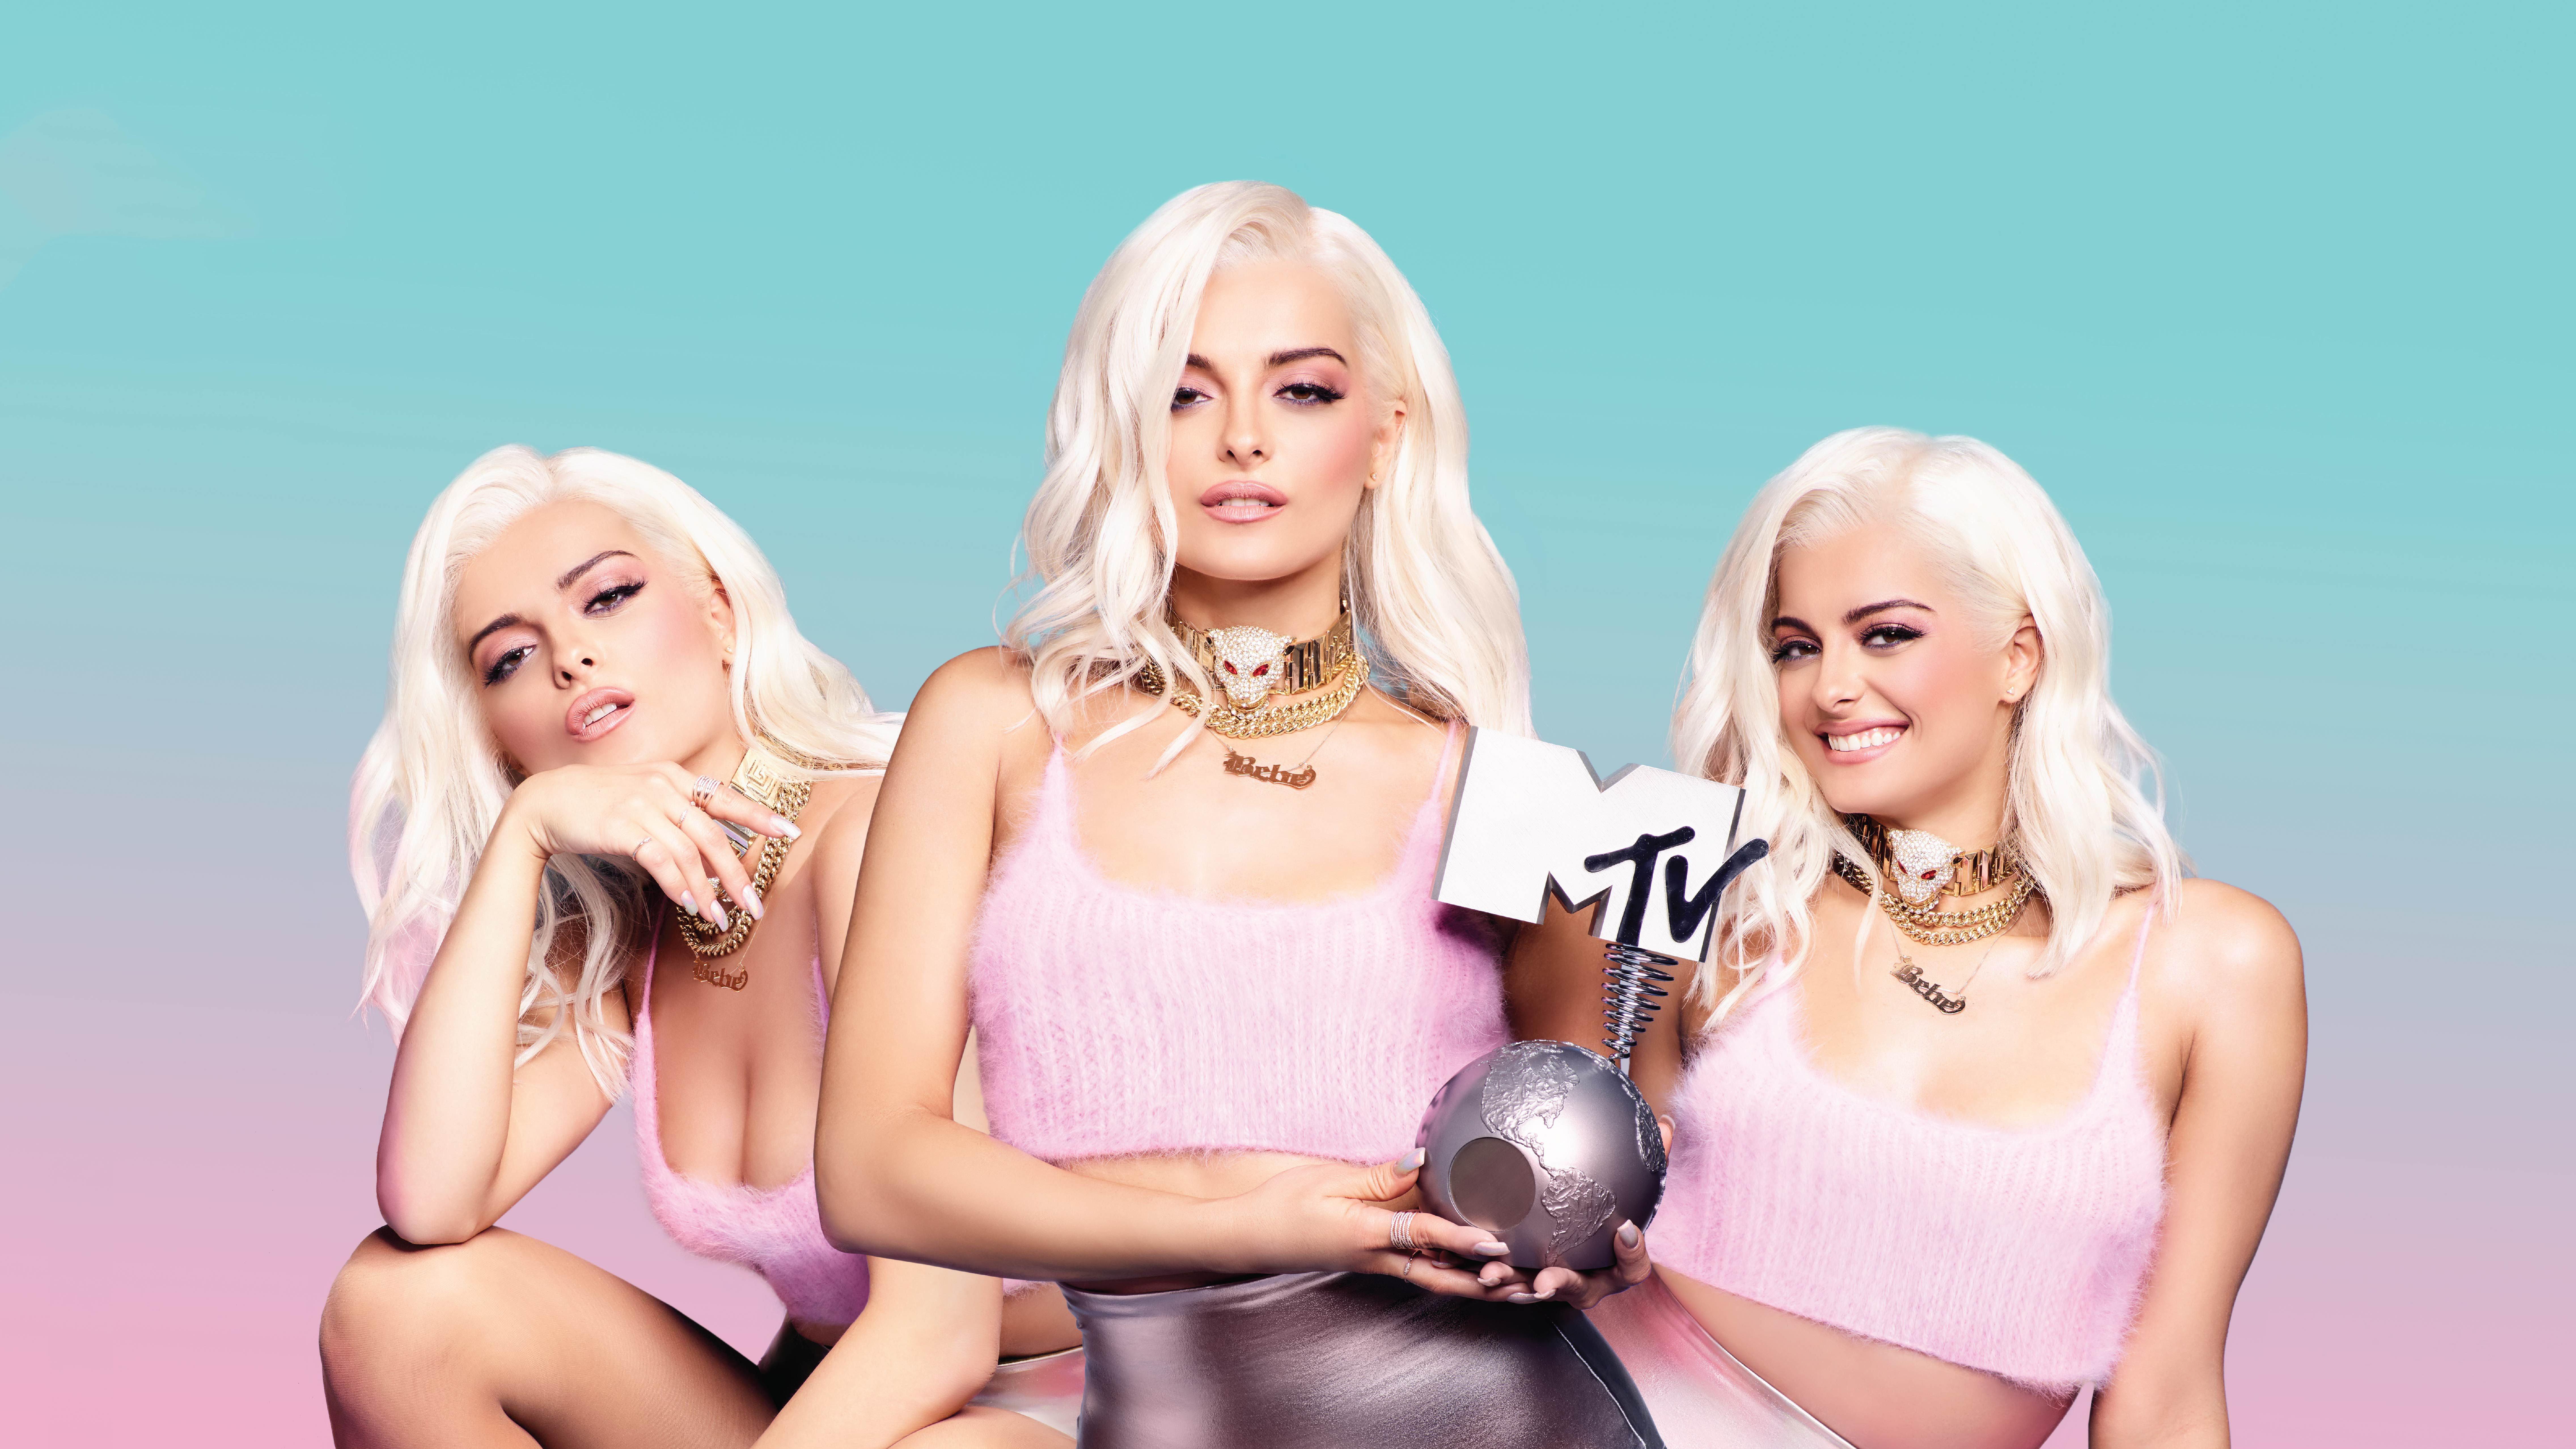 Bebe Rexha Mtv Hd Celebrities 4k Wallpapers Images